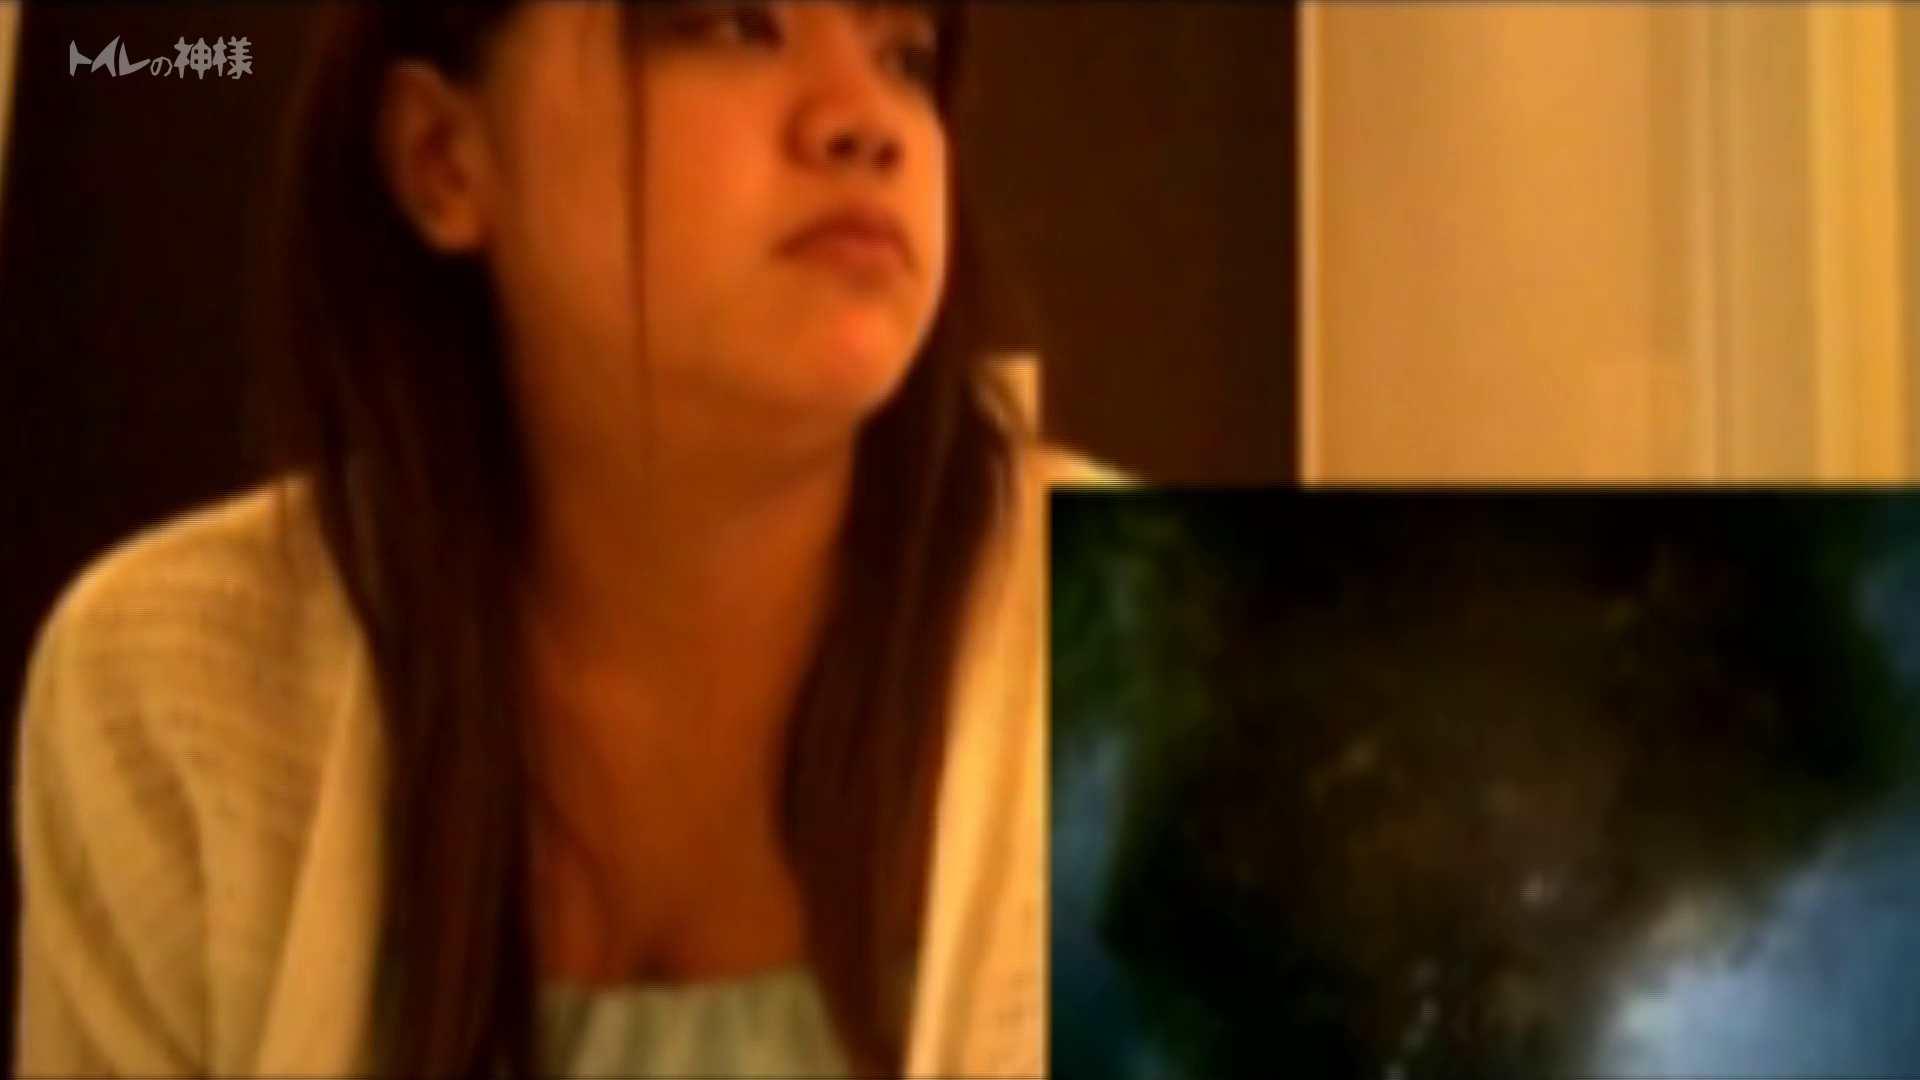 トイレの神様 Vol.03 彼女のうんち隠し撮り OLのボディ | トイレの実態  81PIX 77